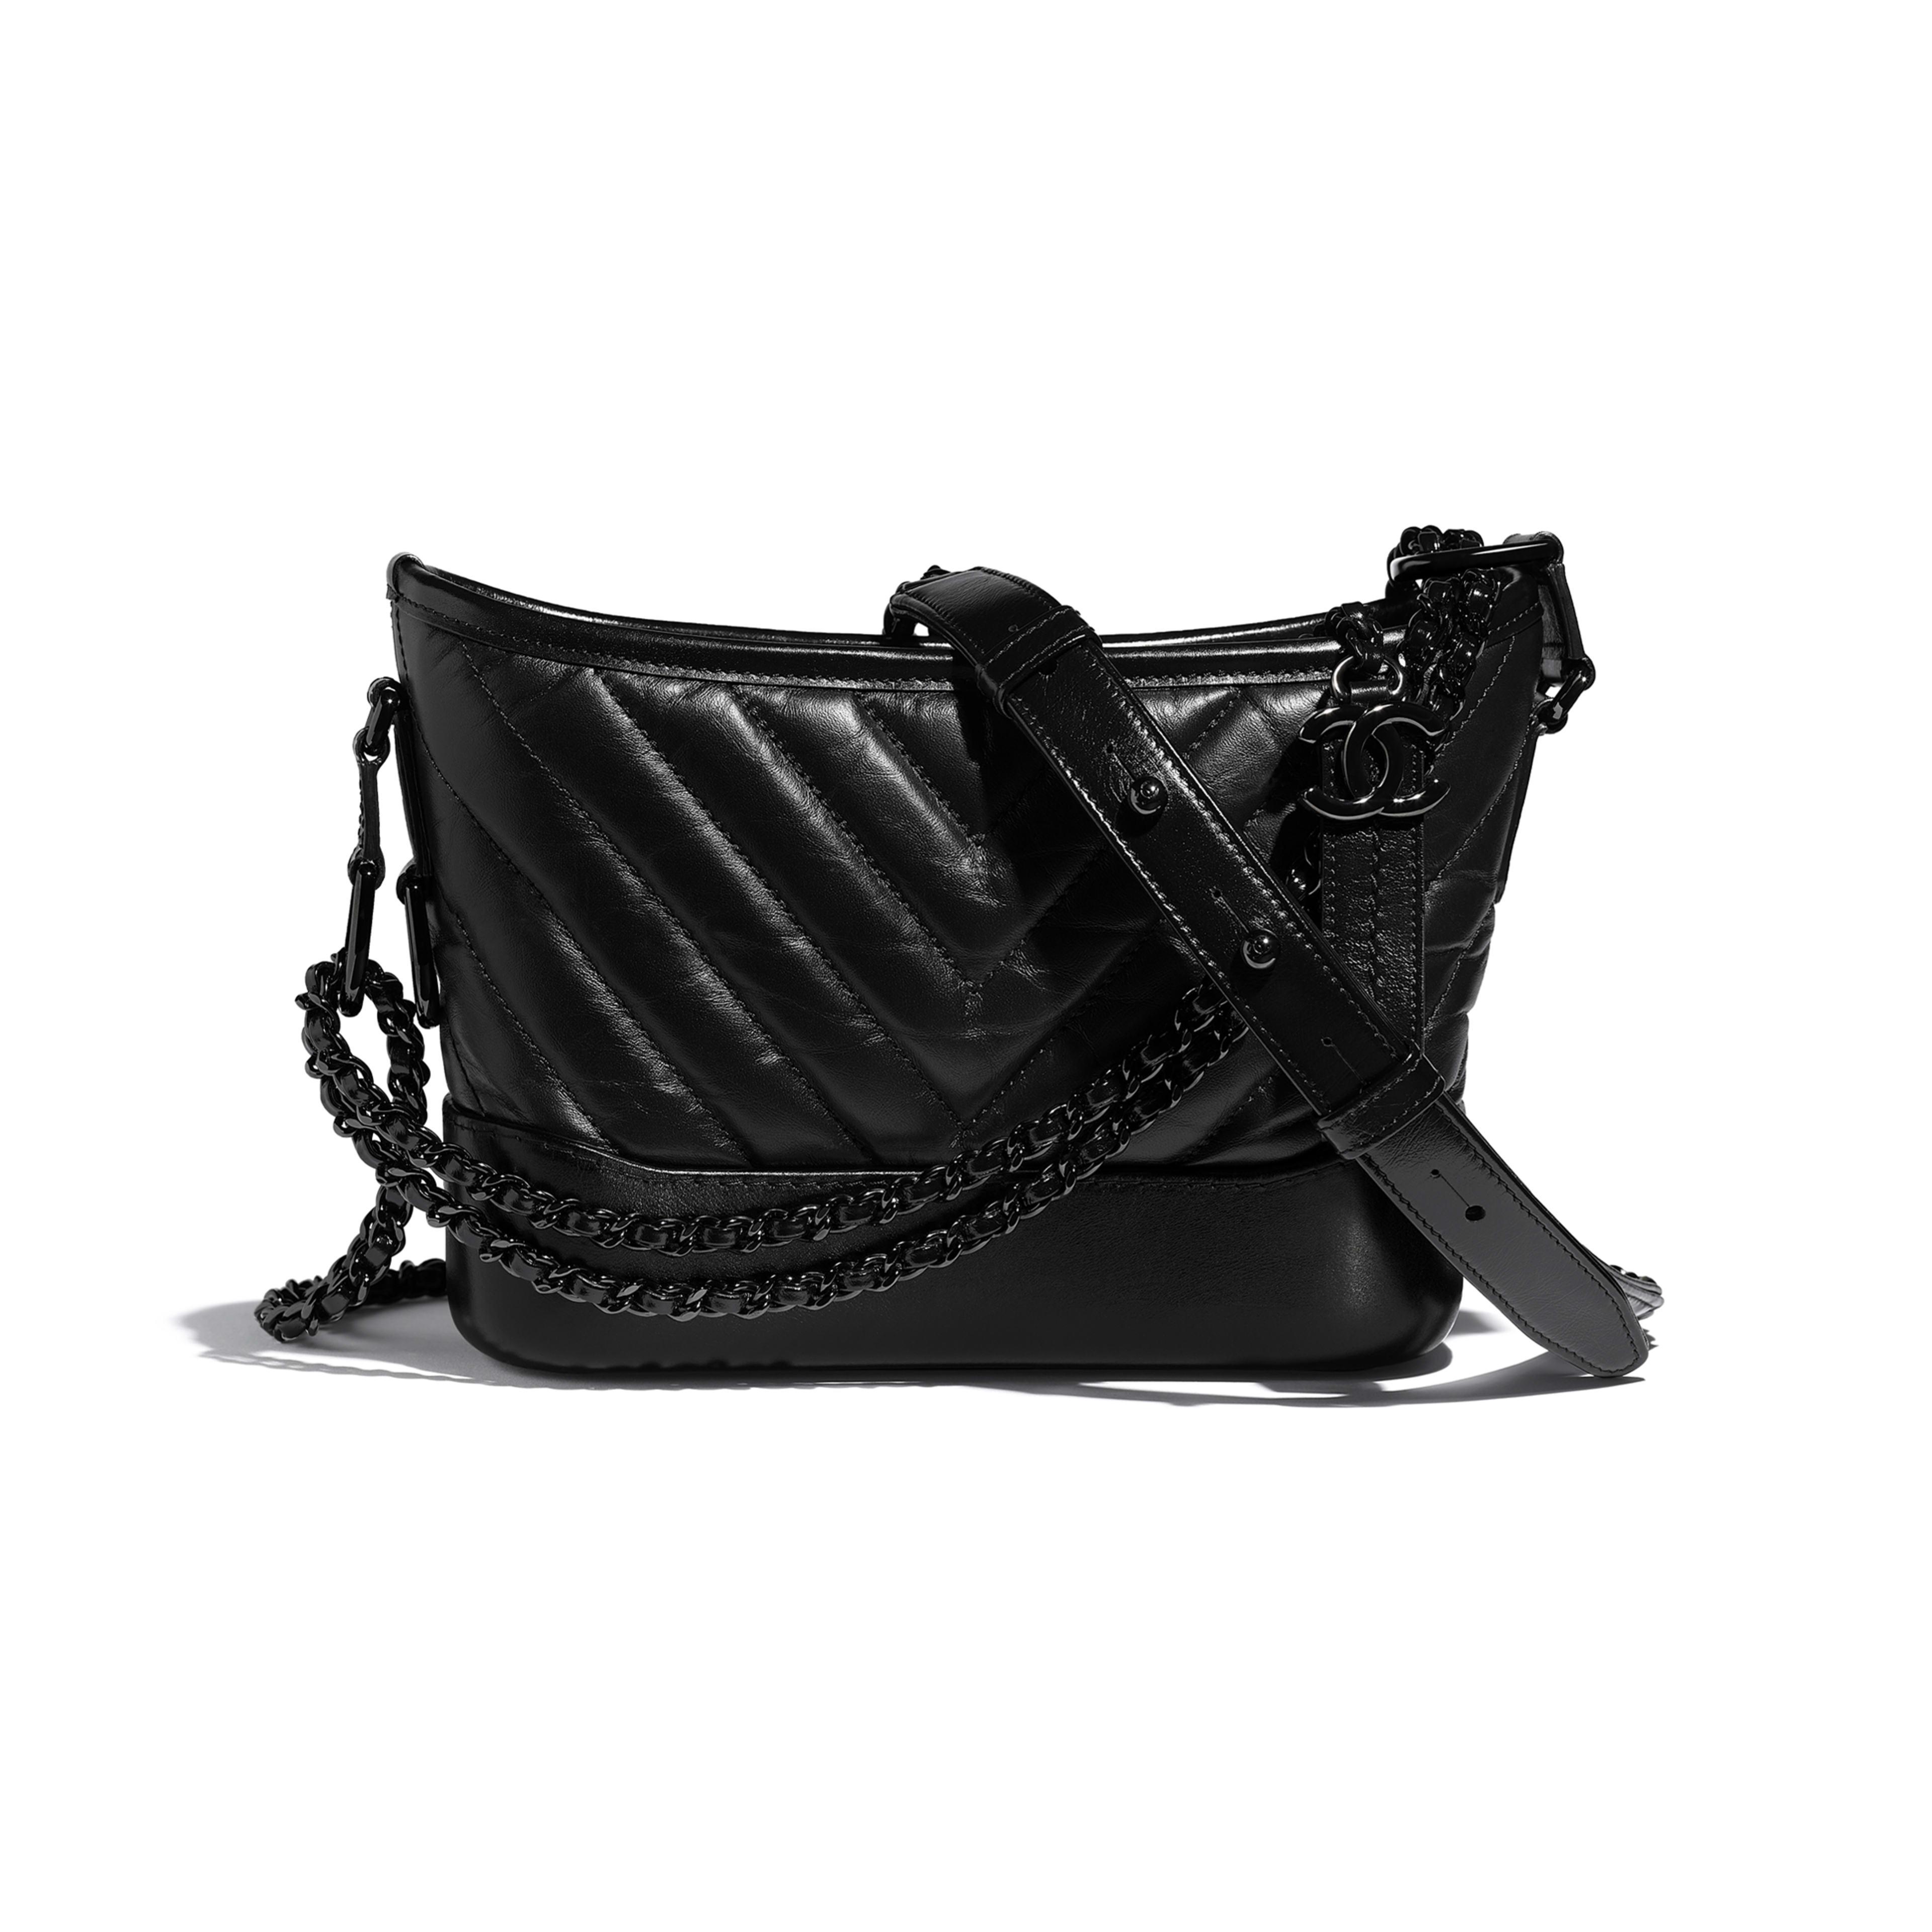 CHANEL'S GABRIELLE сумка hobo маленького размера - Черный - Состаренная кожа теленка, гладкая кожа теленка и черный металл - Вид по умолчанию - посмотреть полноразмерное изображение